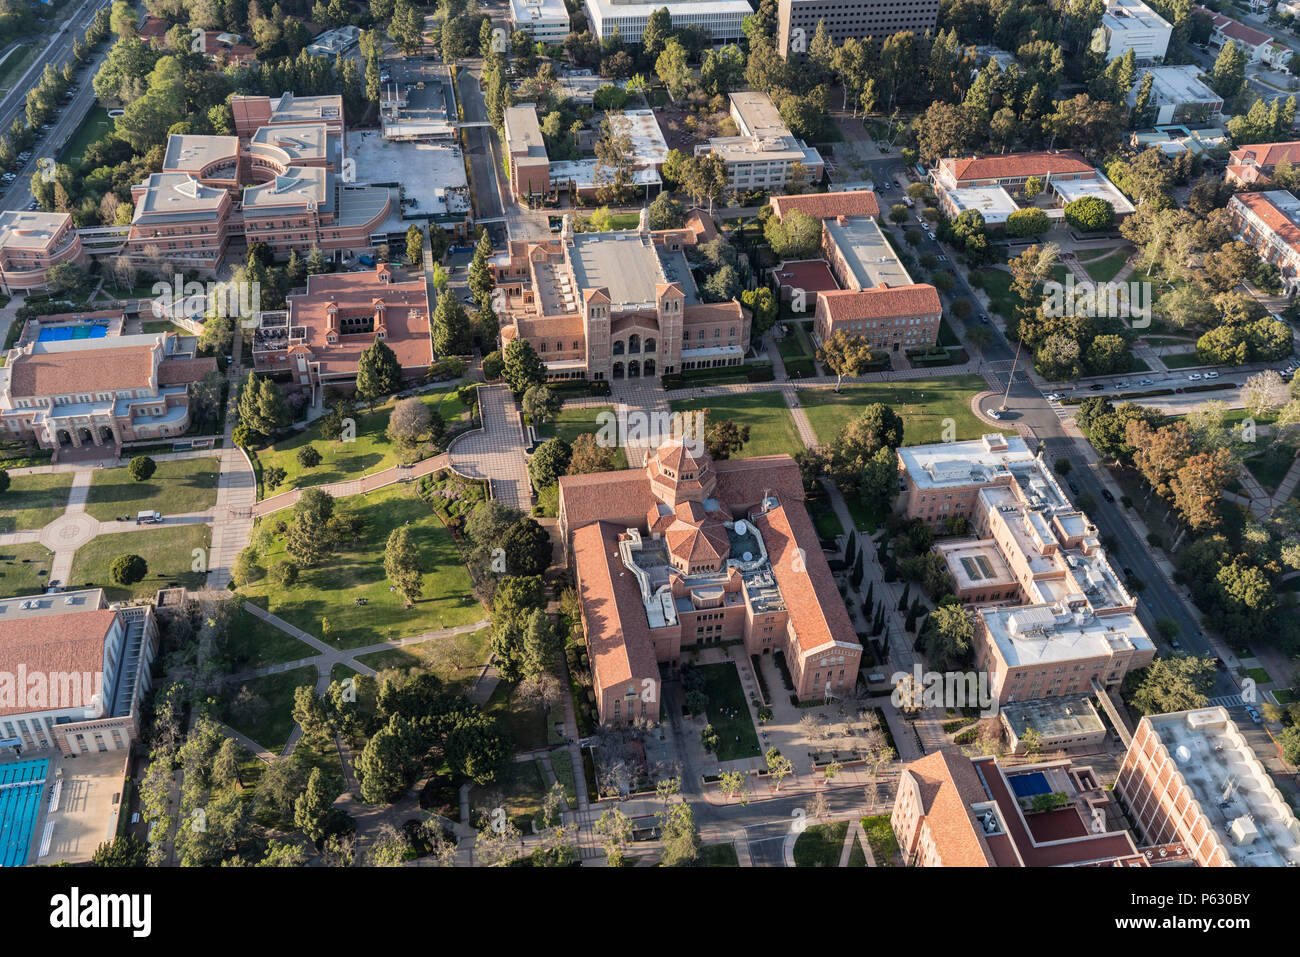 Los Angeles, California, EE.UU. - 18 de abril de 2018: Antena descripción histórica de los edificios del campus de UCLA cerca de Westwood. Foto de stock